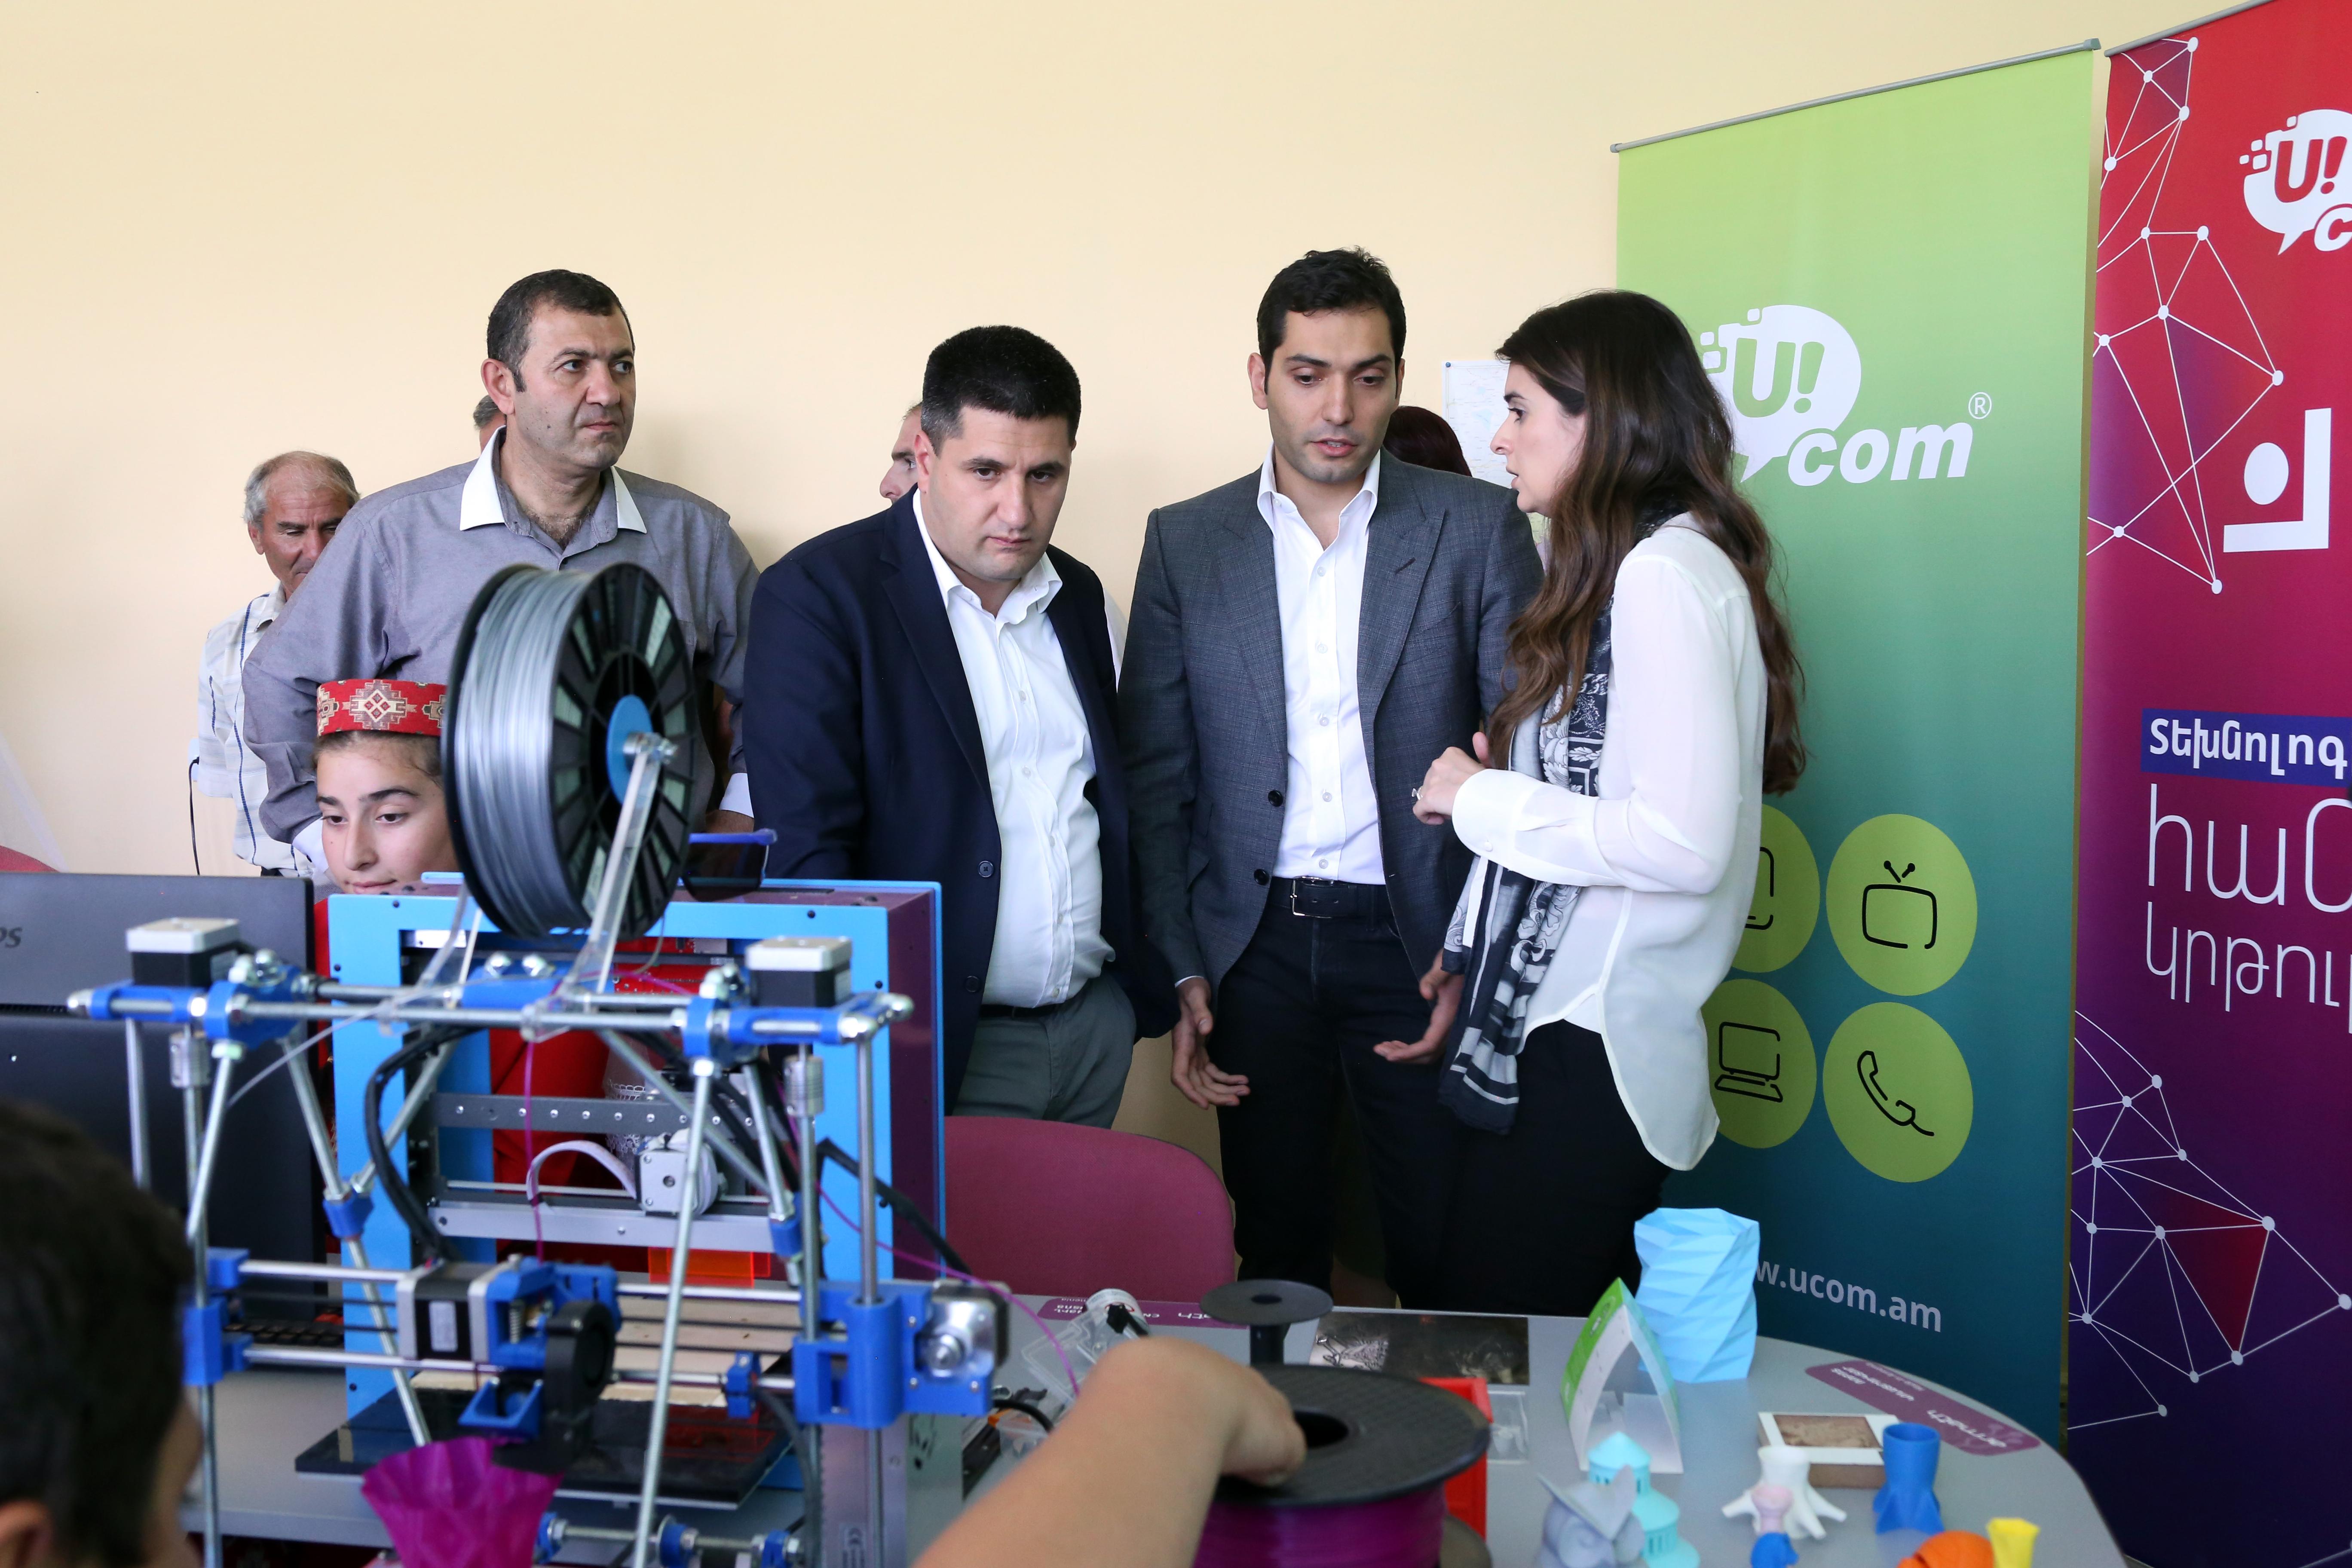 Ucom-ի և «Դասավանդի՛ր Հայաստան»-ի գործակցության շնորհիվ Բագարանի դպրոցում կգործի «Արմաթ» ինժեներական լաբորատորիան